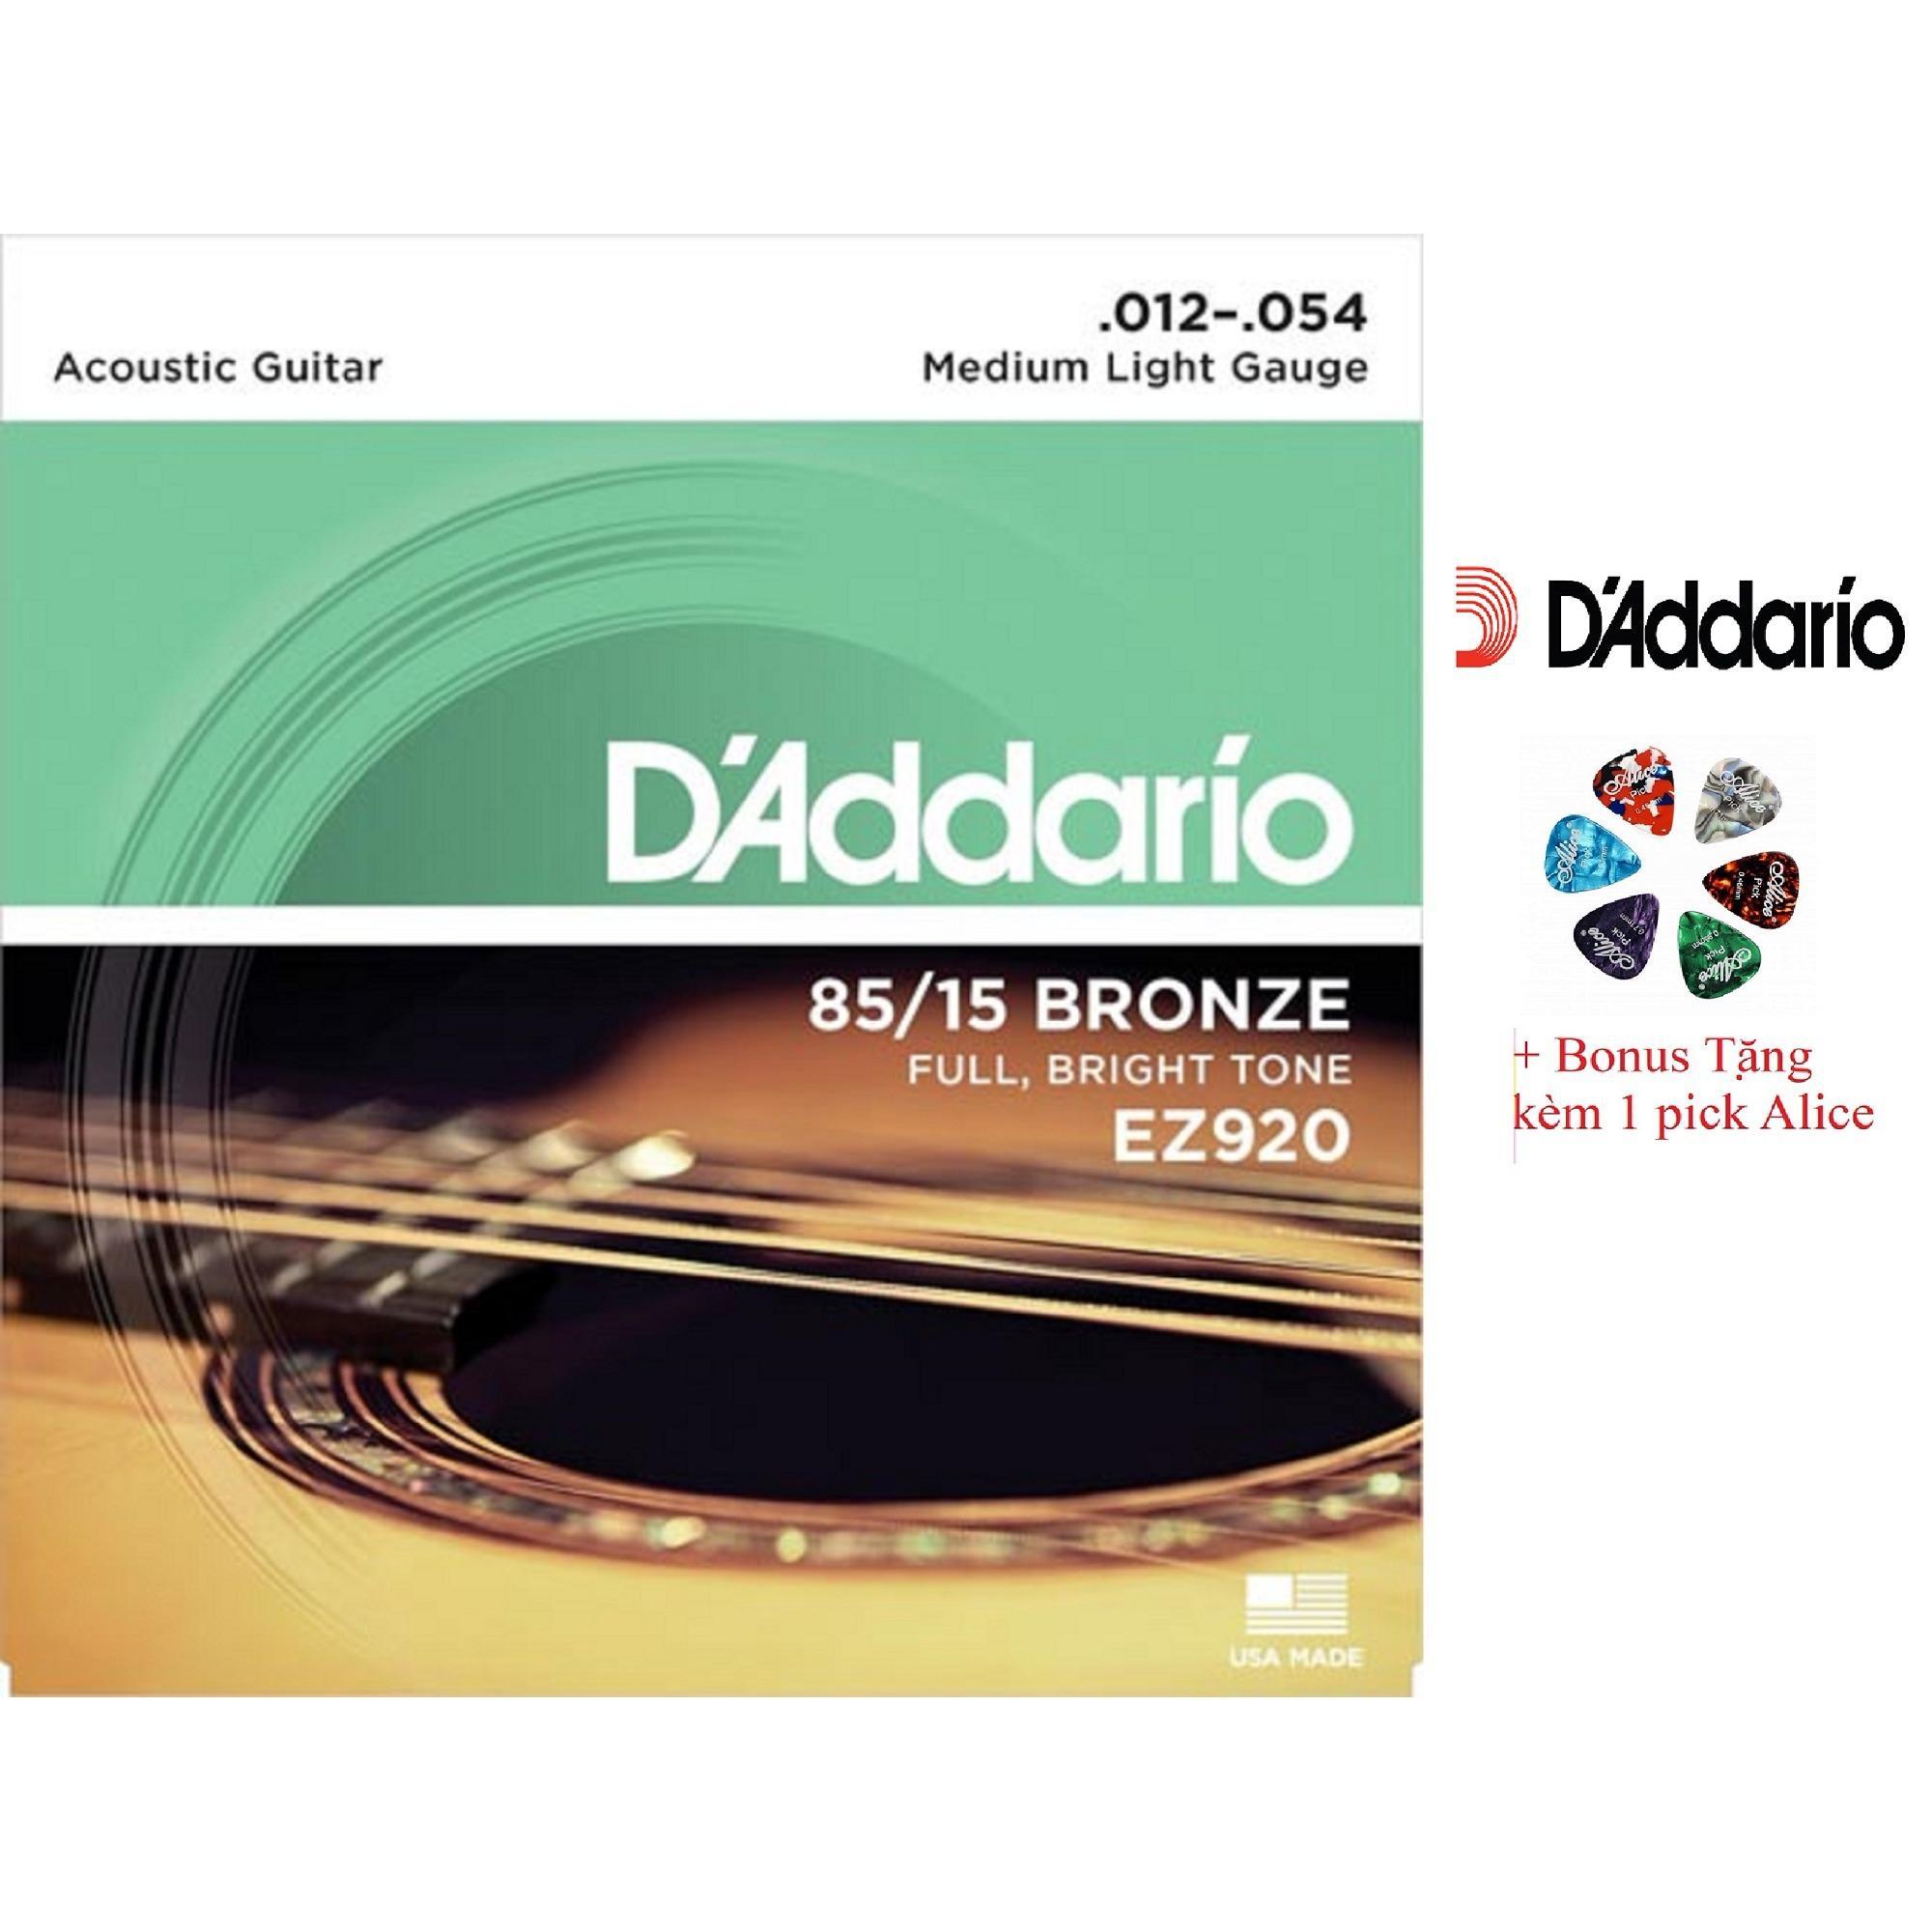 Mua Bộ Hộp 6 Day Đan Guitar Acoustic D Addario Ez920 Cao Cấp Pick Alice Cỡ 12 Rẻ Hà Nội